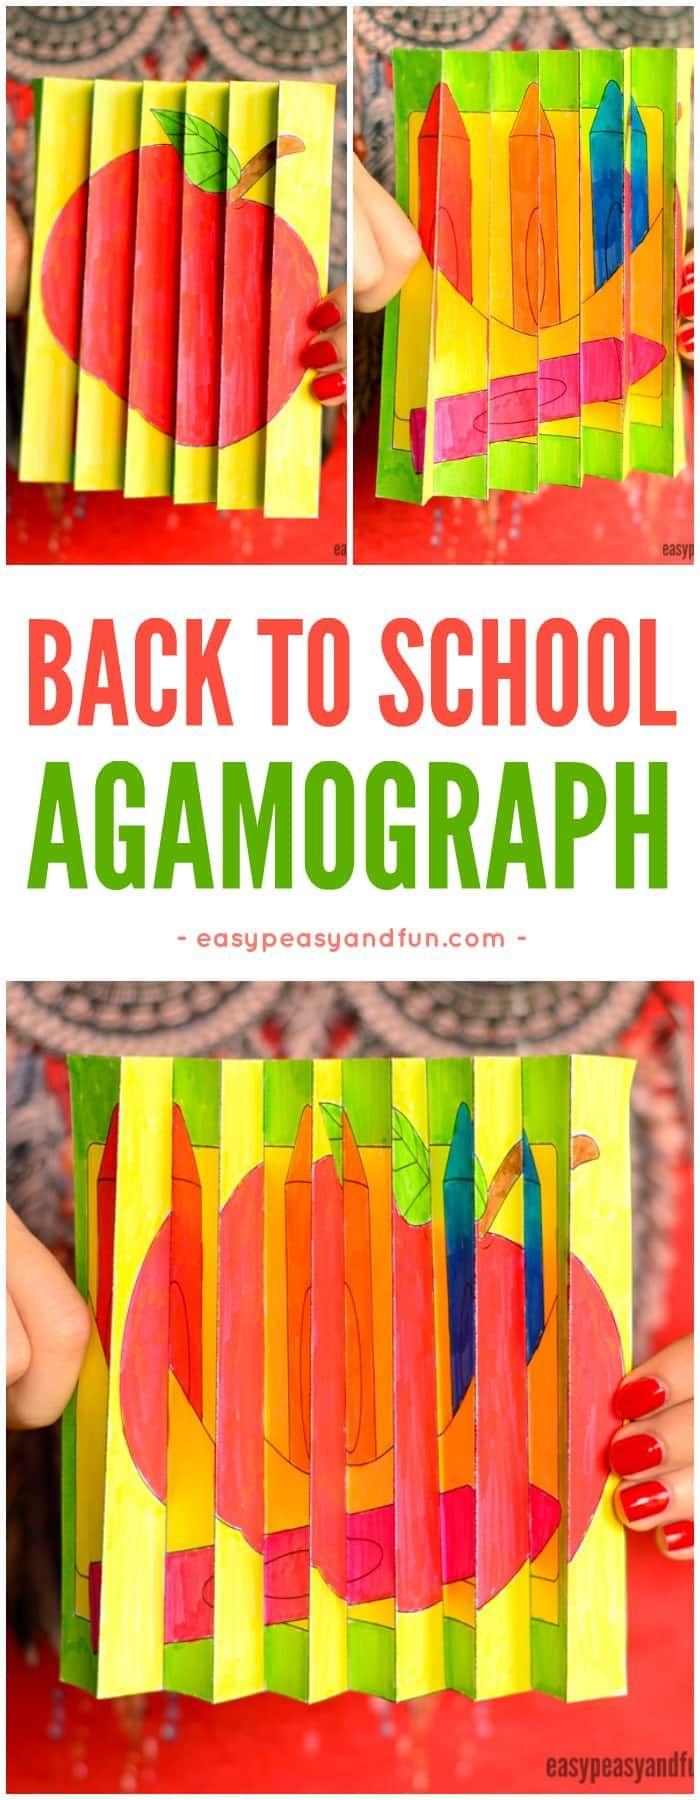 143 besten agamograph bilder auf pinterest